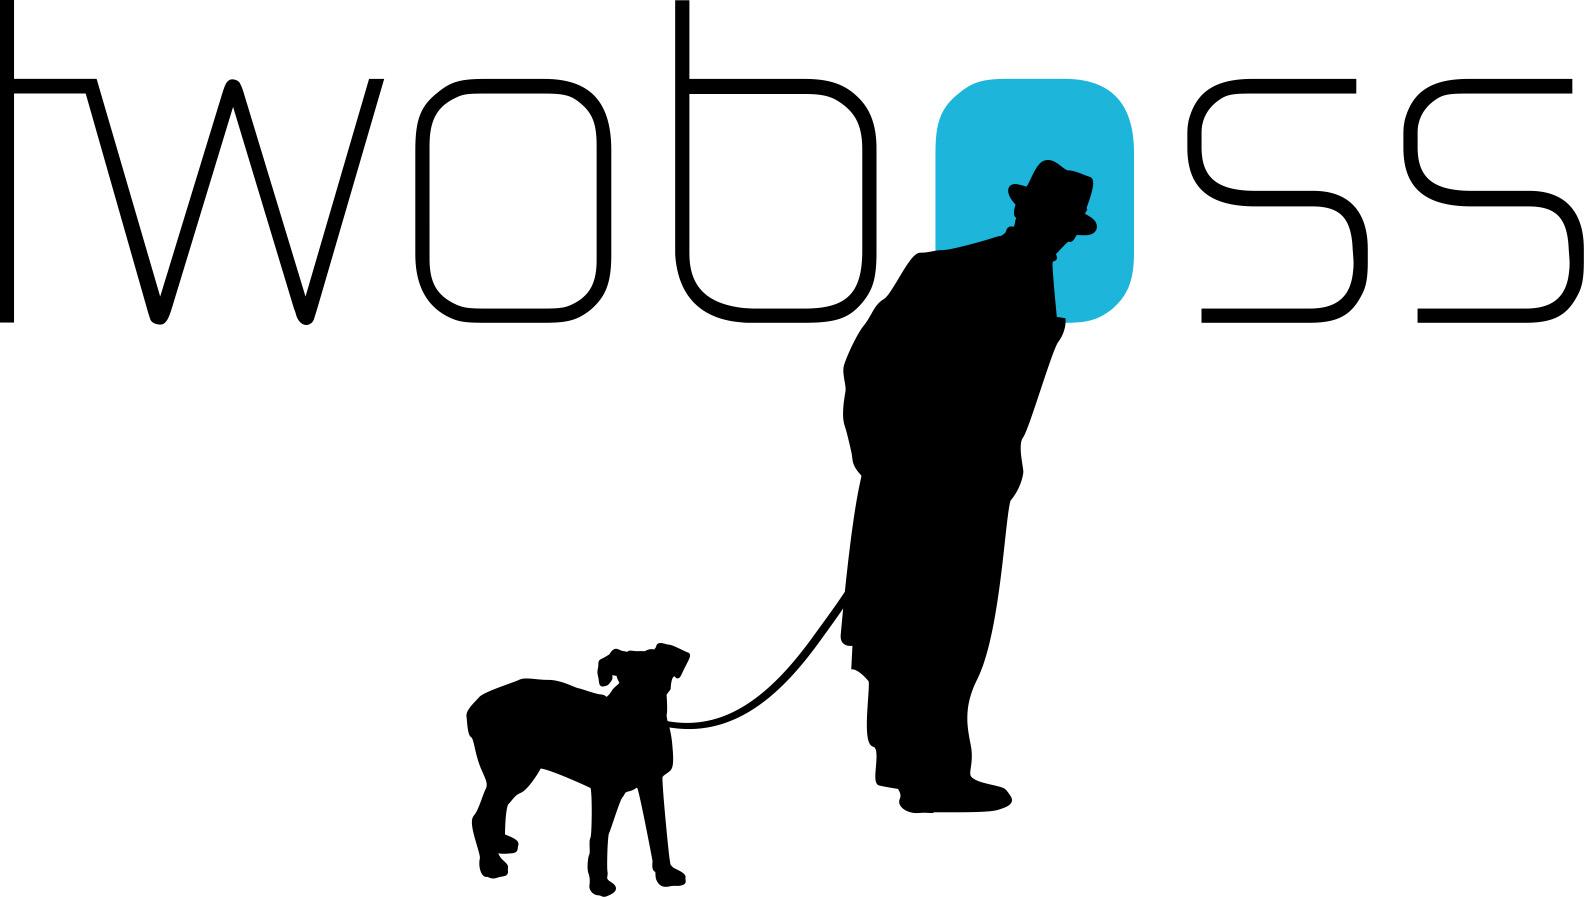 Two Boss Producciones S.L. Empresa de servicios audiovisuales y diseño